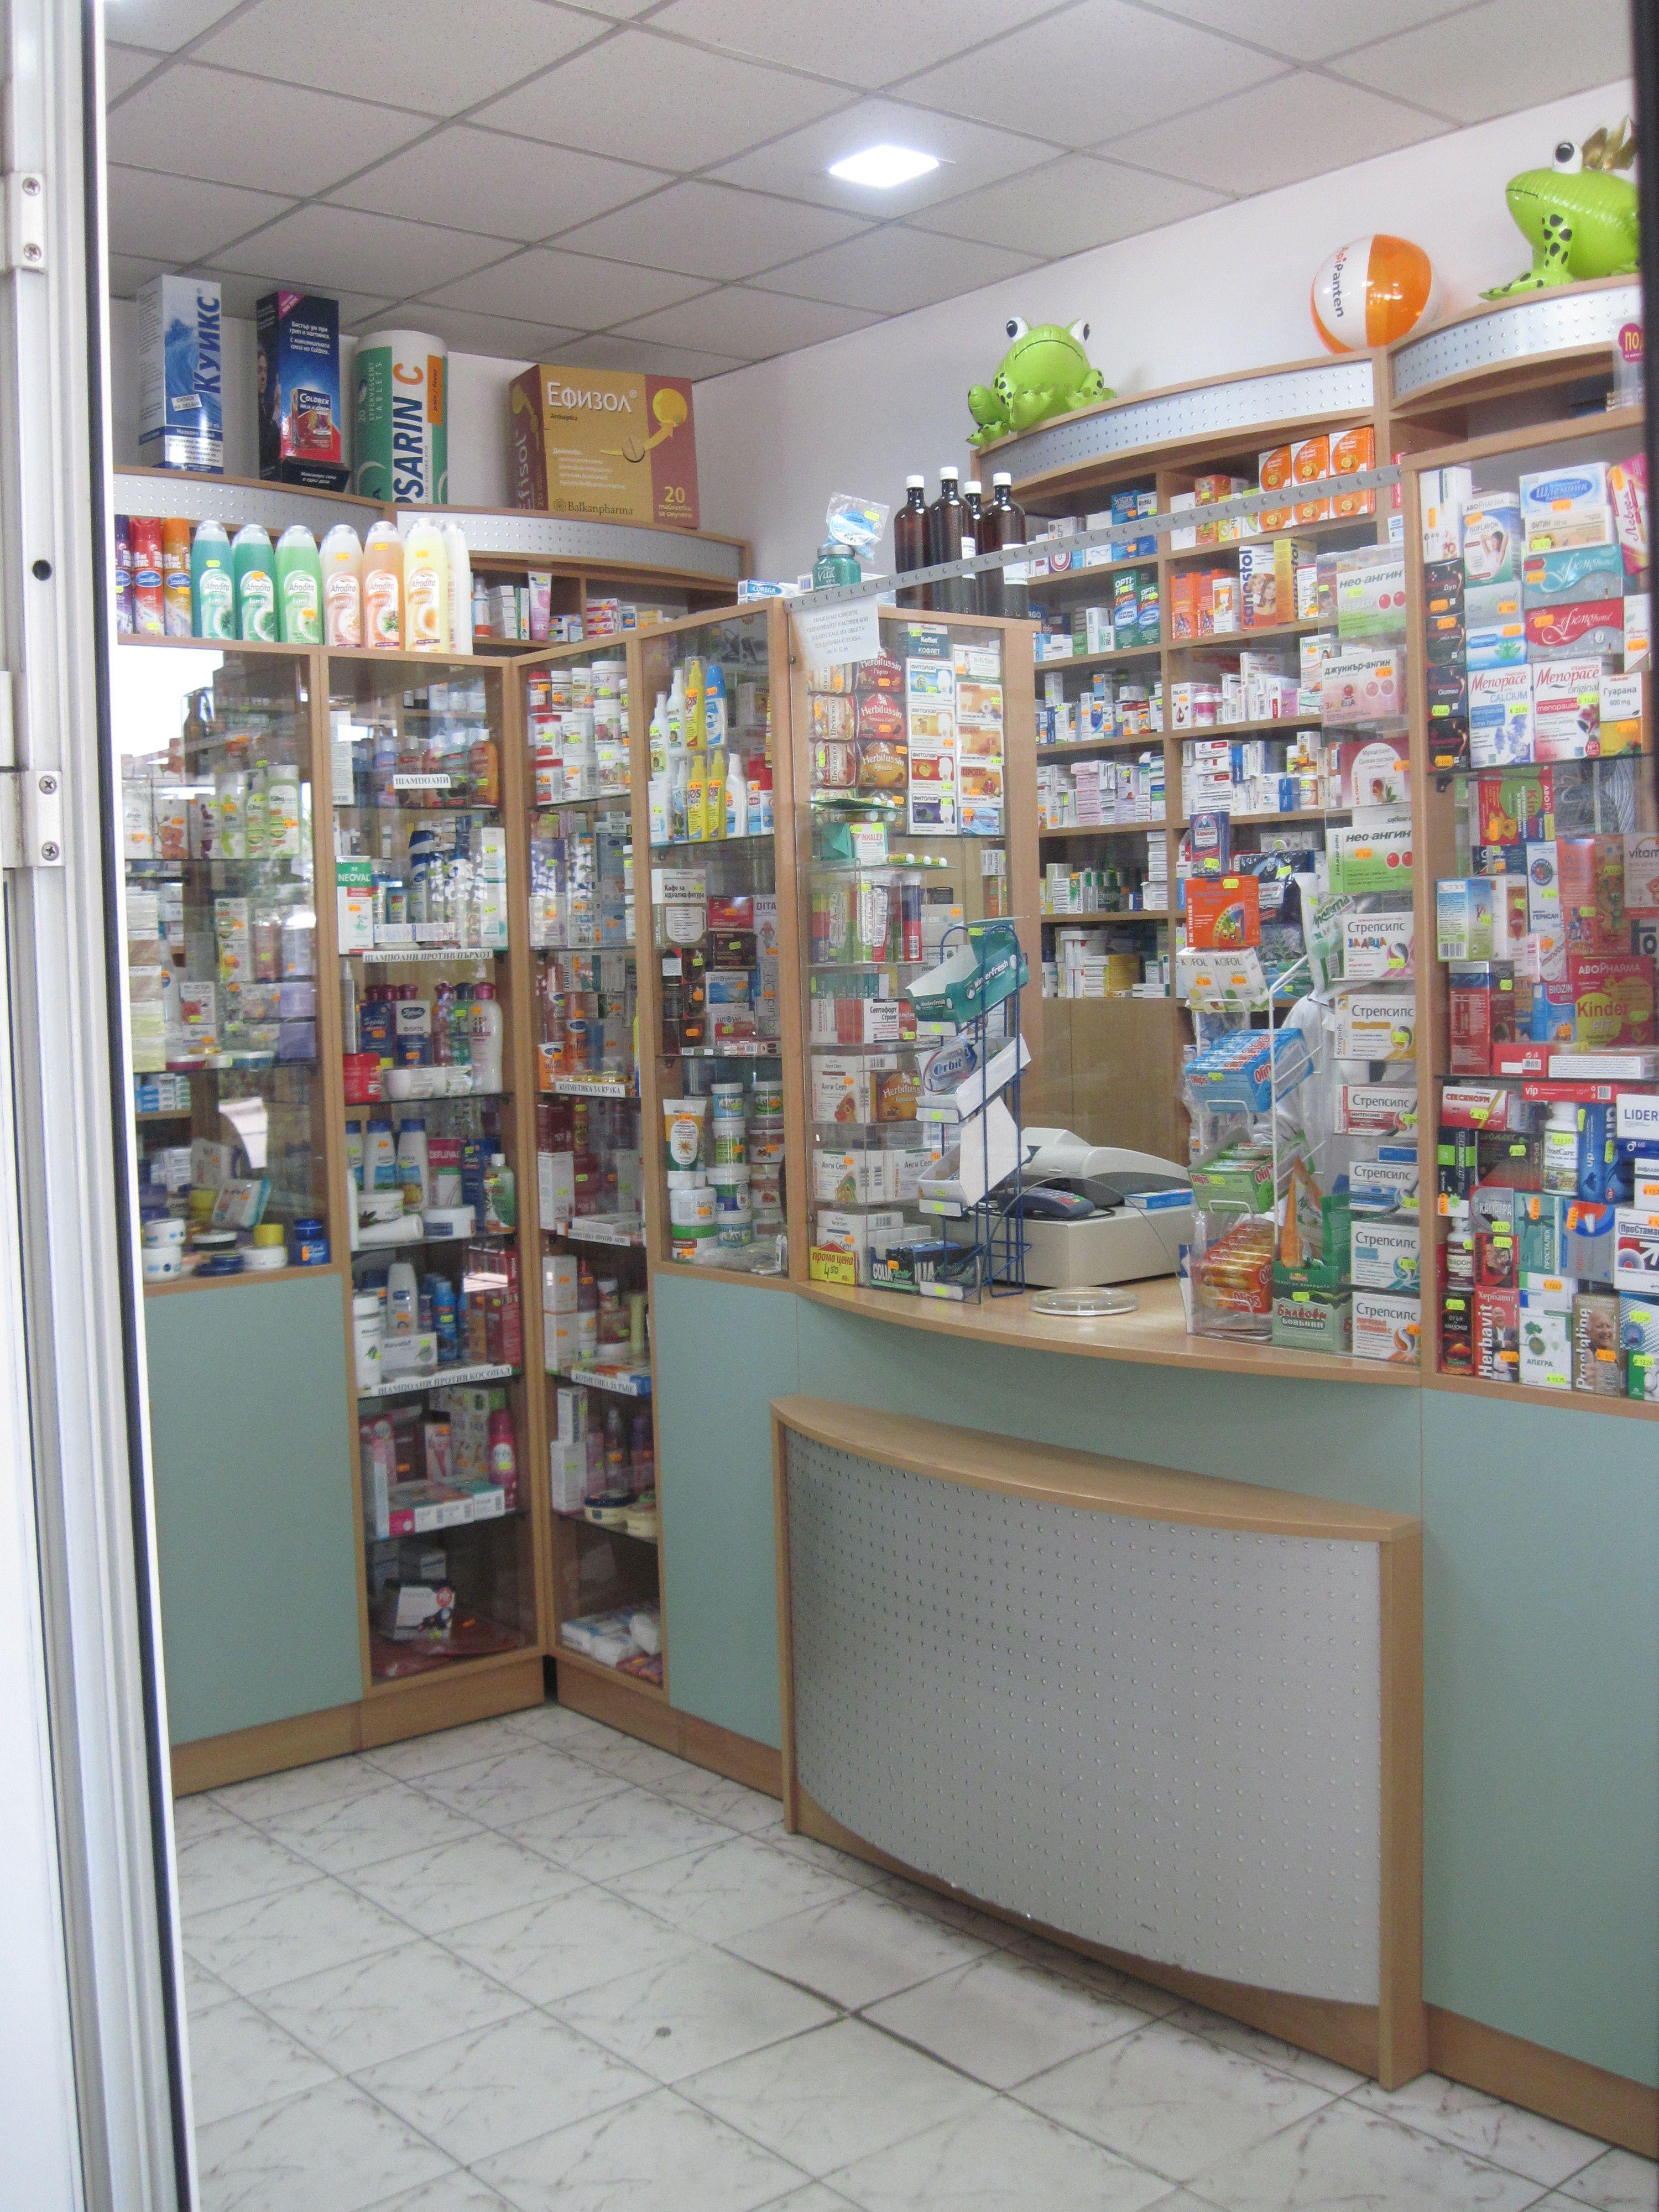 Еликсир град Силистра разполага с големи наличности от санитарни материали. При нас ще намерите материали, необходими за болни хора на легло, възрастни, майки с деца, както и санитарни материали за нуждите на лечебните заведения.